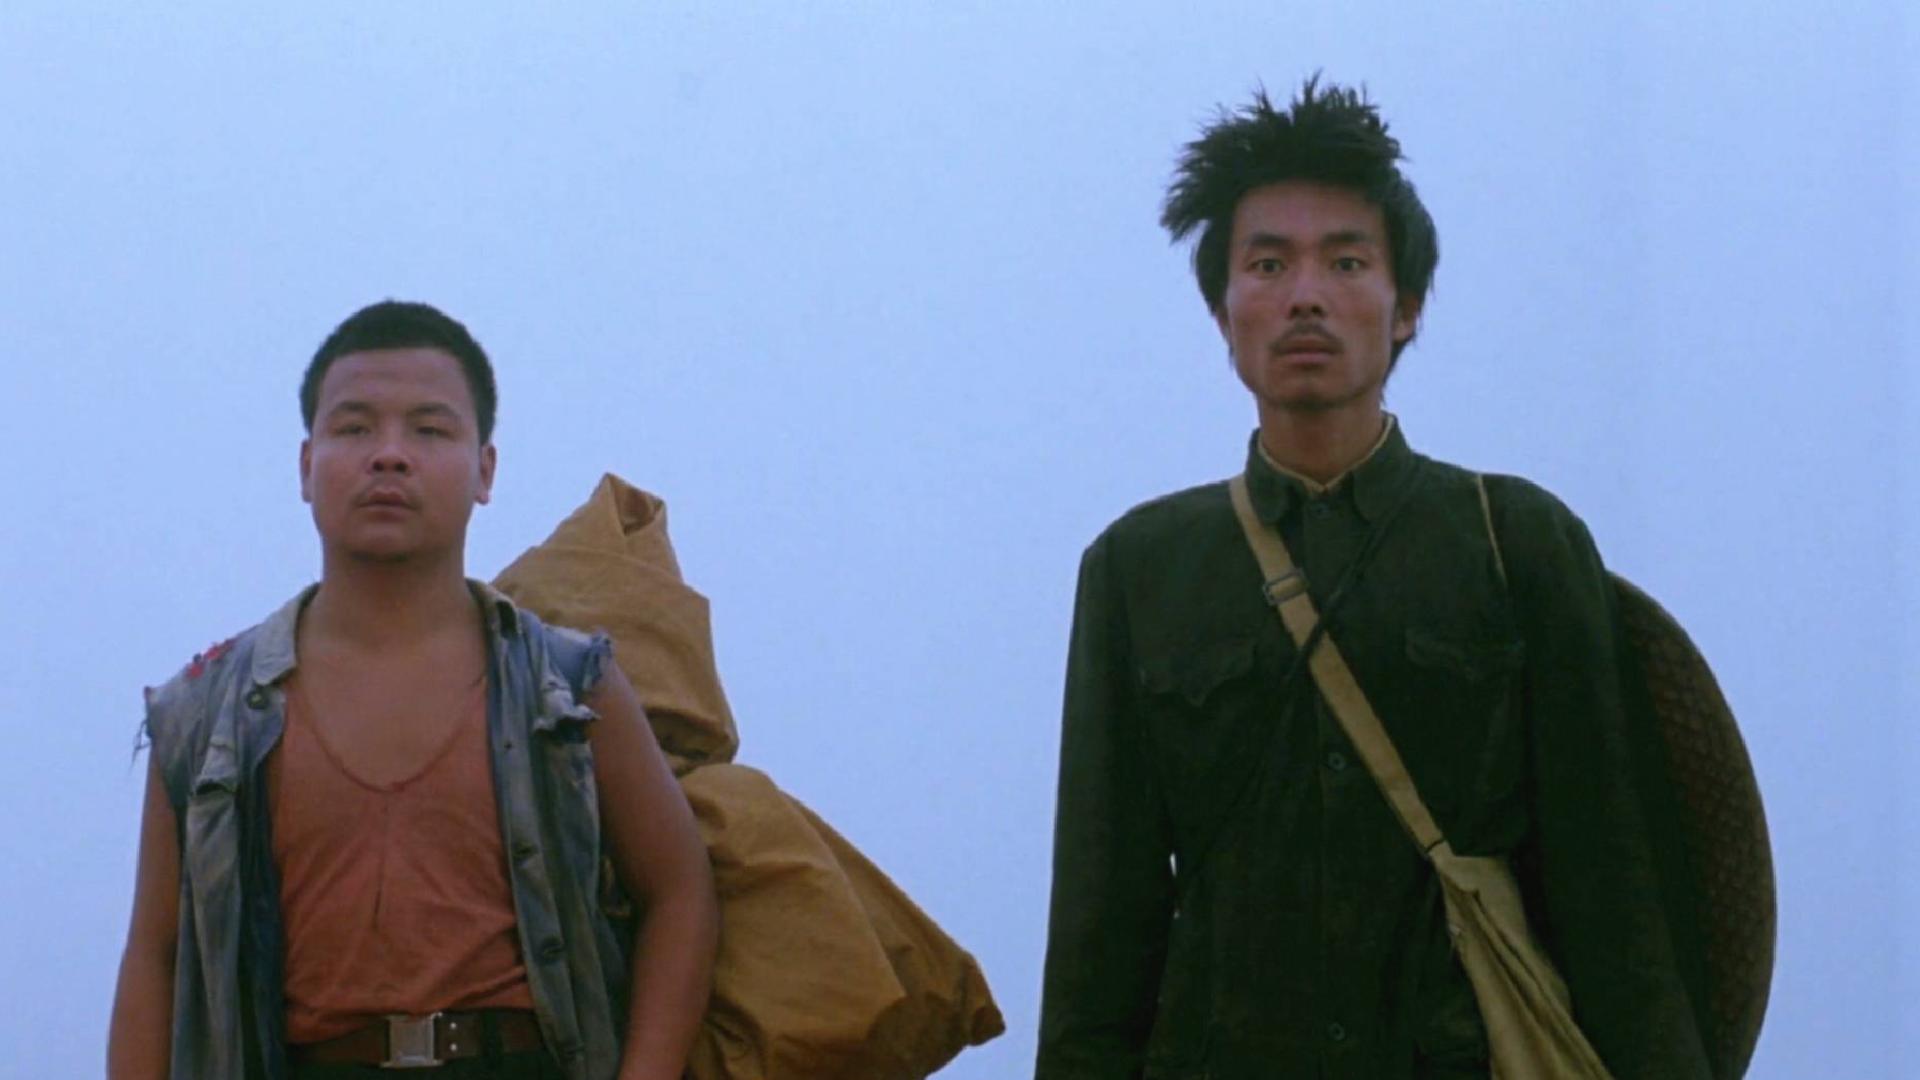 看下陈凯歌早期的电影吧,还是很用心的,他可不是低级趣味的人